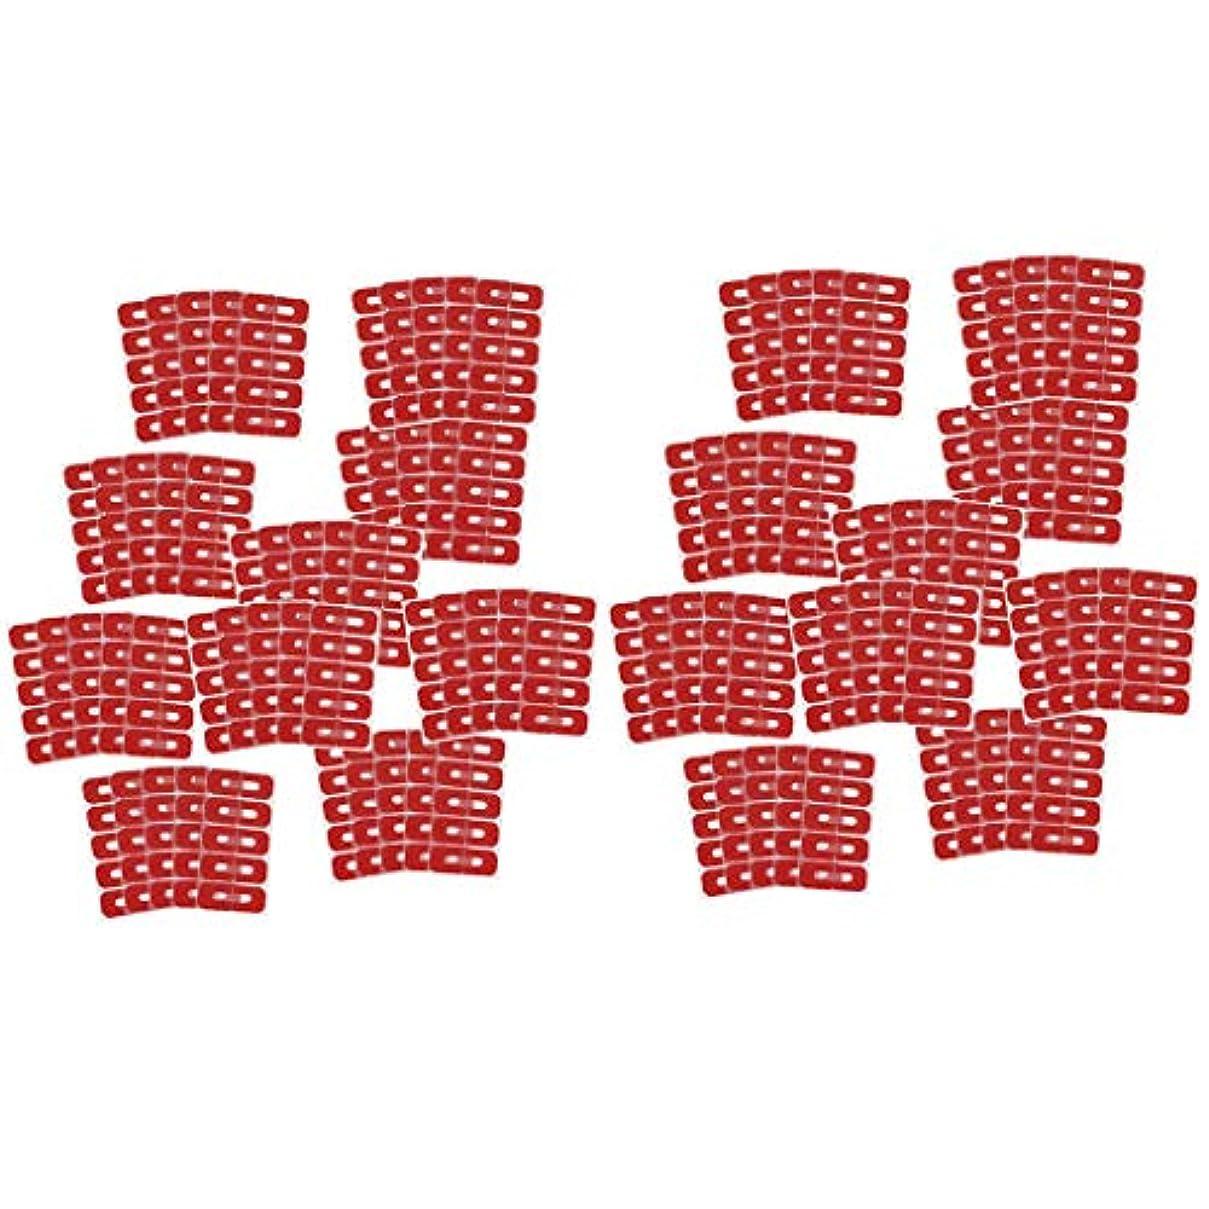 染料子犬ありそうCUTICATE ネイルカバー ネイルプロテクター ネイルアート はみ出し防止 溢れを防止 マニキュア ネイルケア